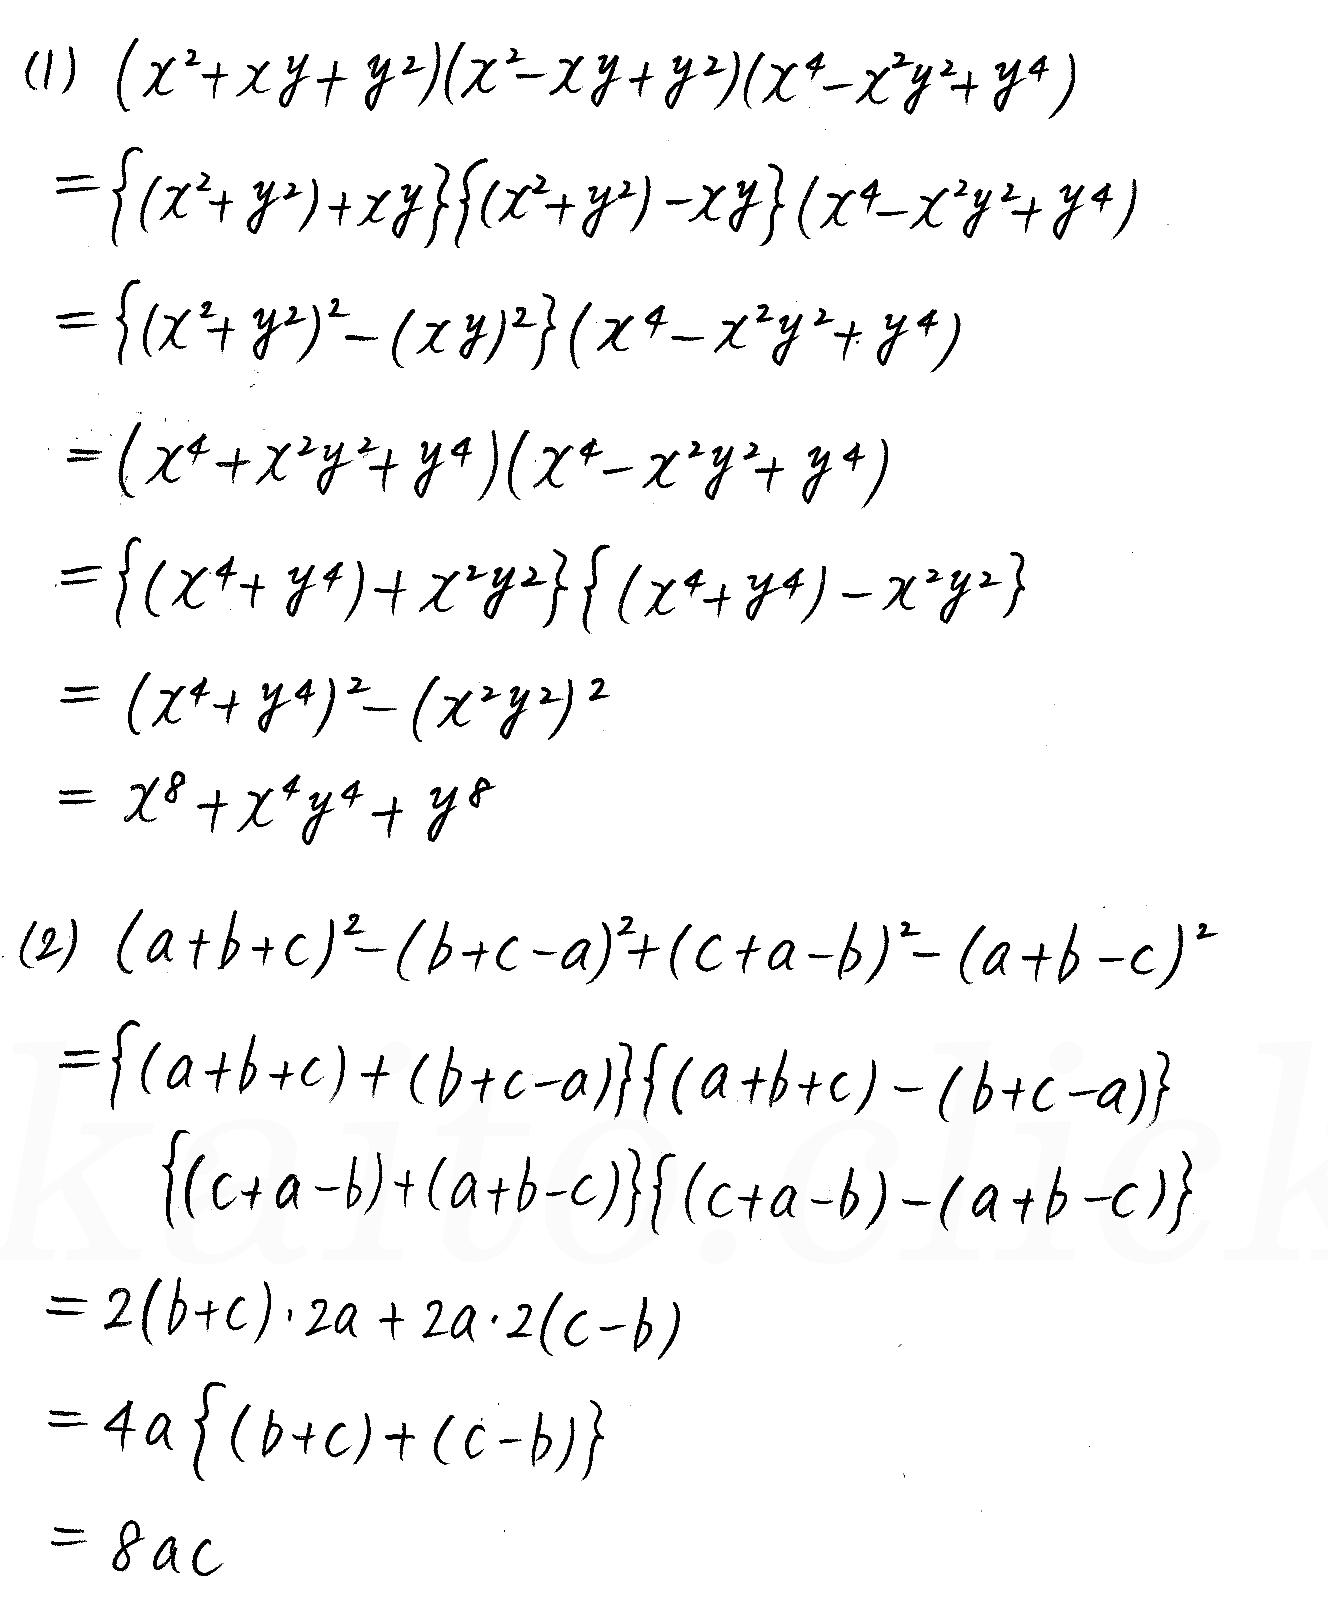 クリアー数学演習12AB受験編-2解答